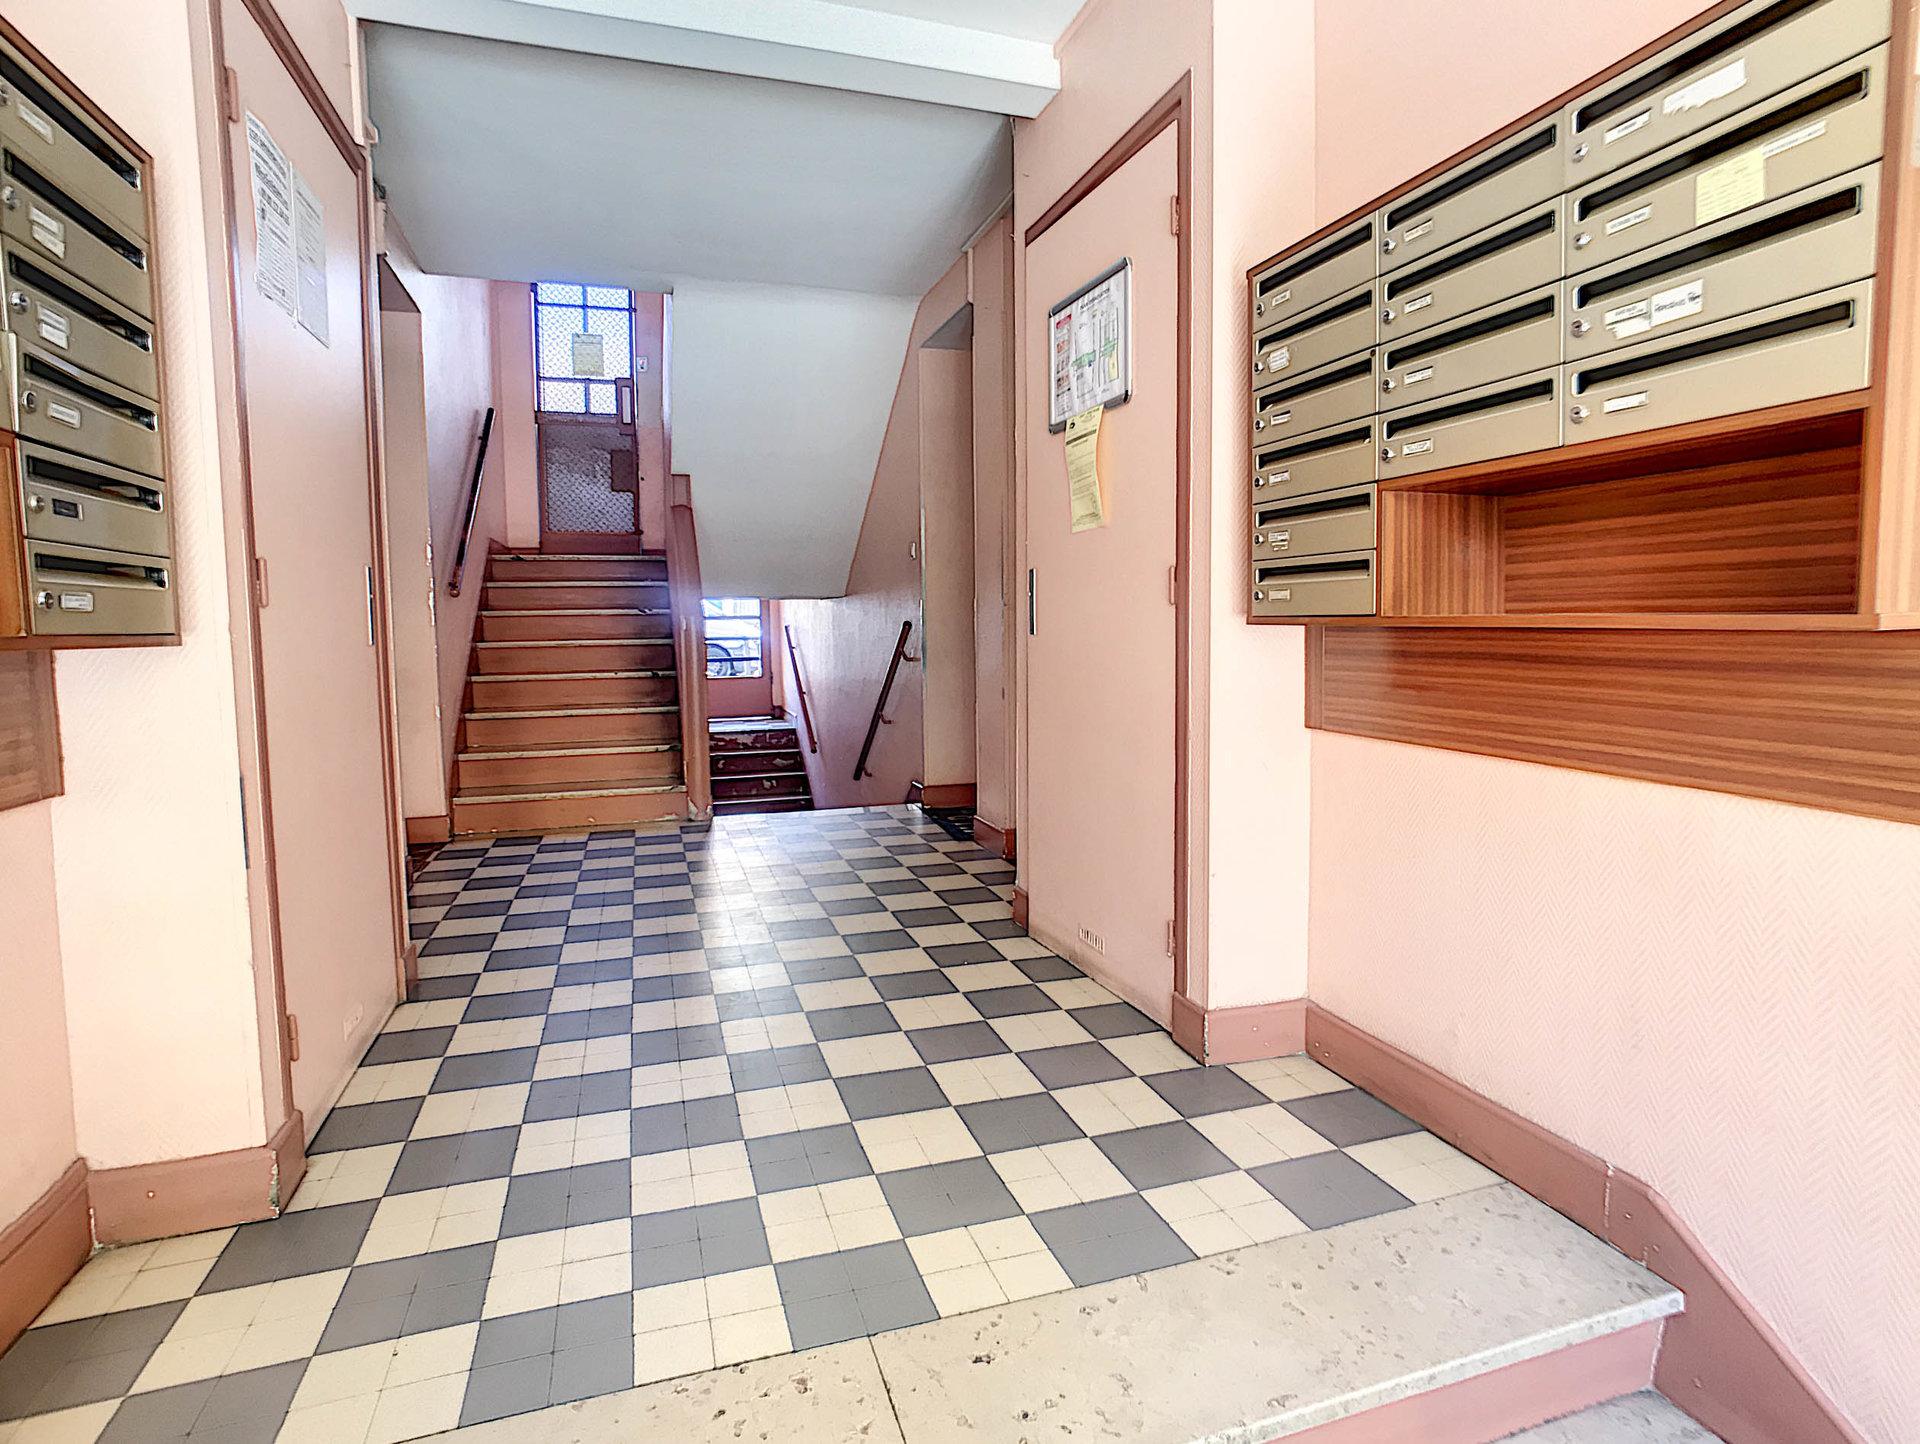 LOCATION MEUBLÉ - Appartement 3P 50M2 Nice Eglise Russe Balcon